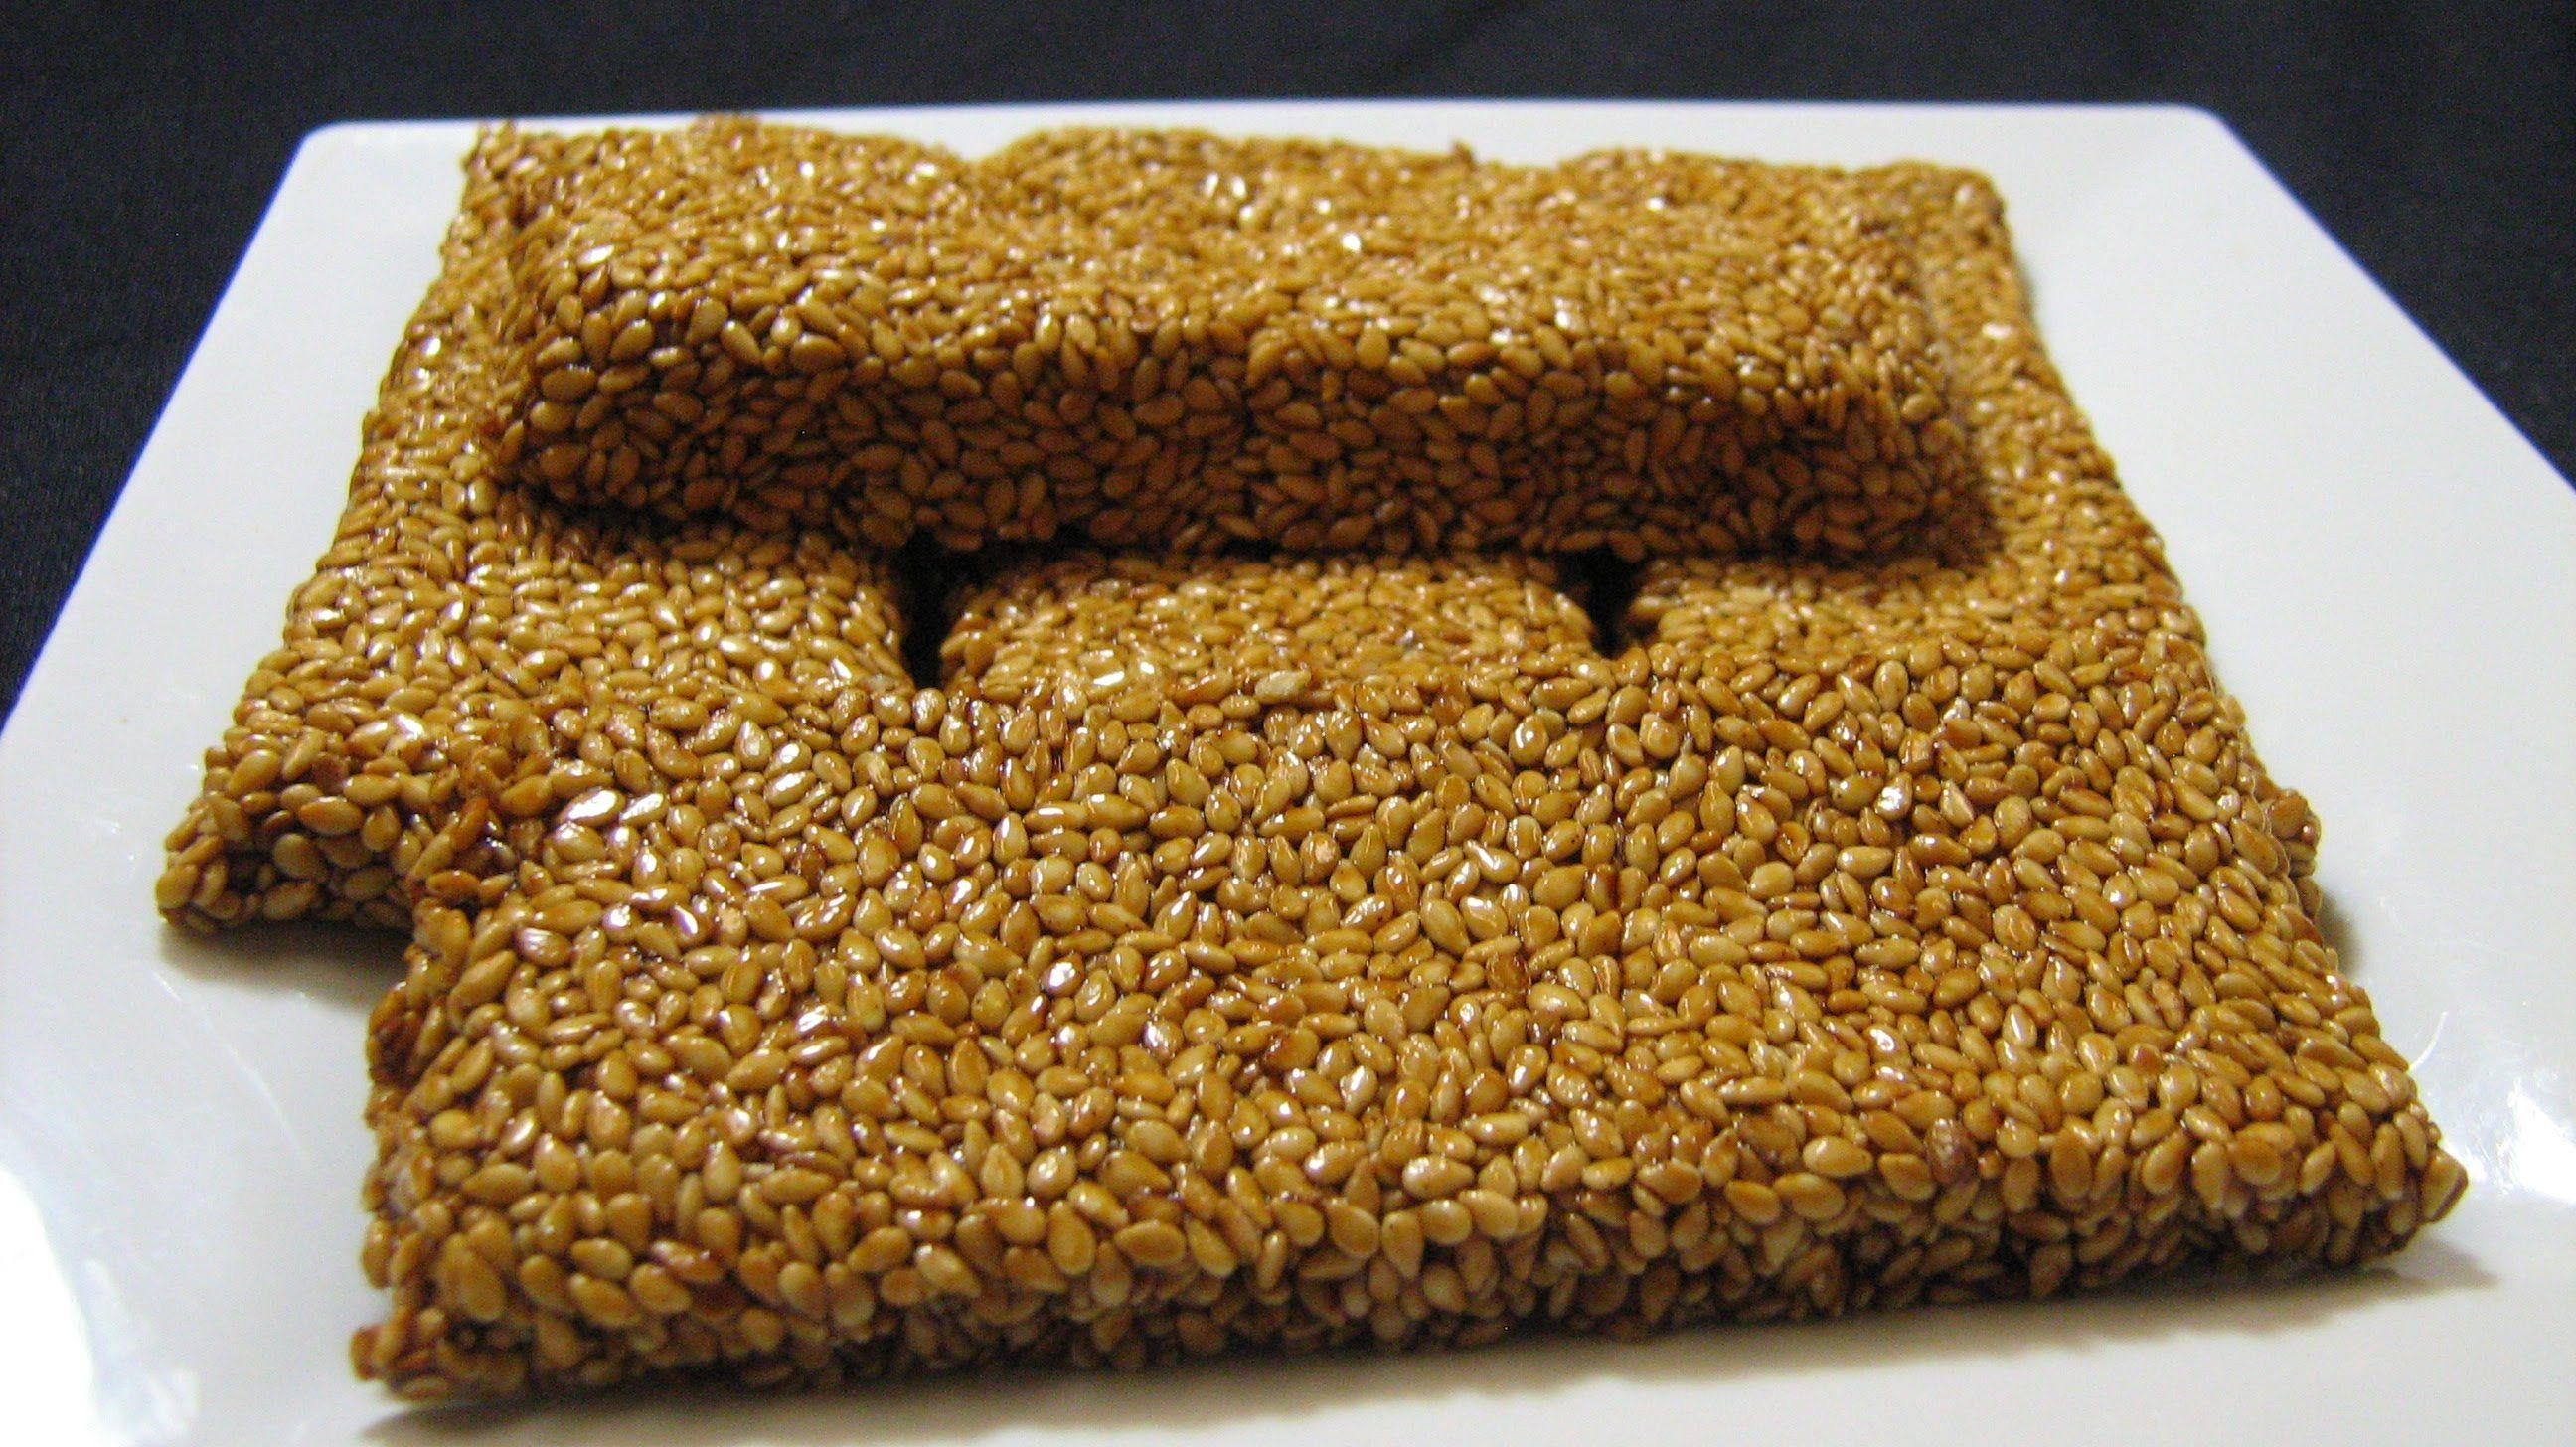 السمسمية طريقة عمل حلا السمسمية الصحية حلاوة المولد Best Homemade Energy Bars Homemade Snacks Sweet Recipes Desserts